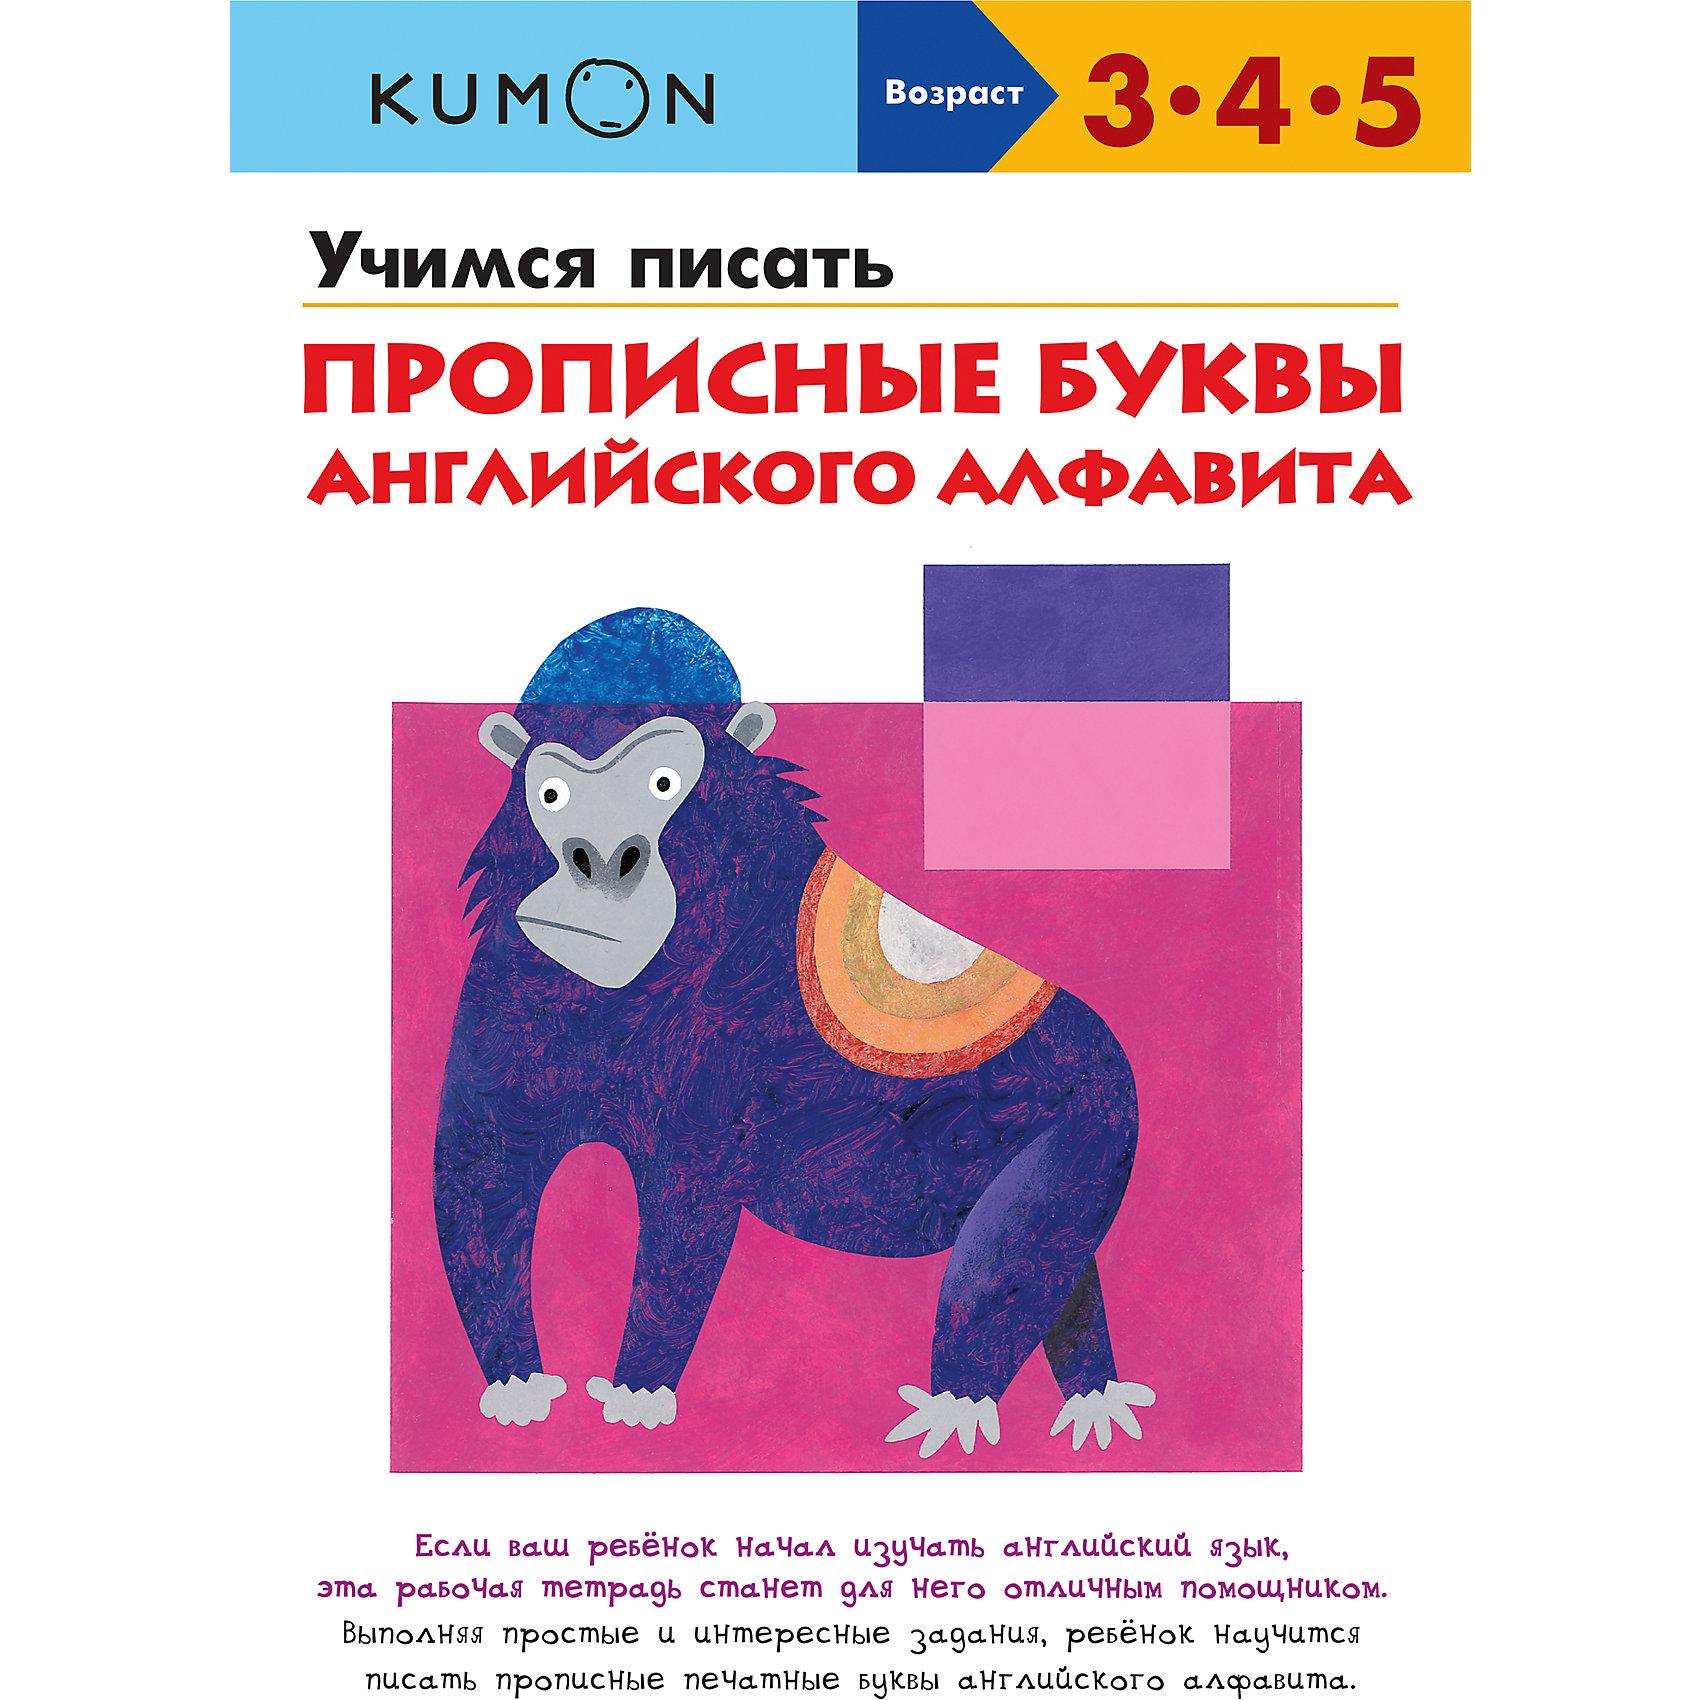 KUMON. Учимся писать прописные буквы английского алфавита от myToys